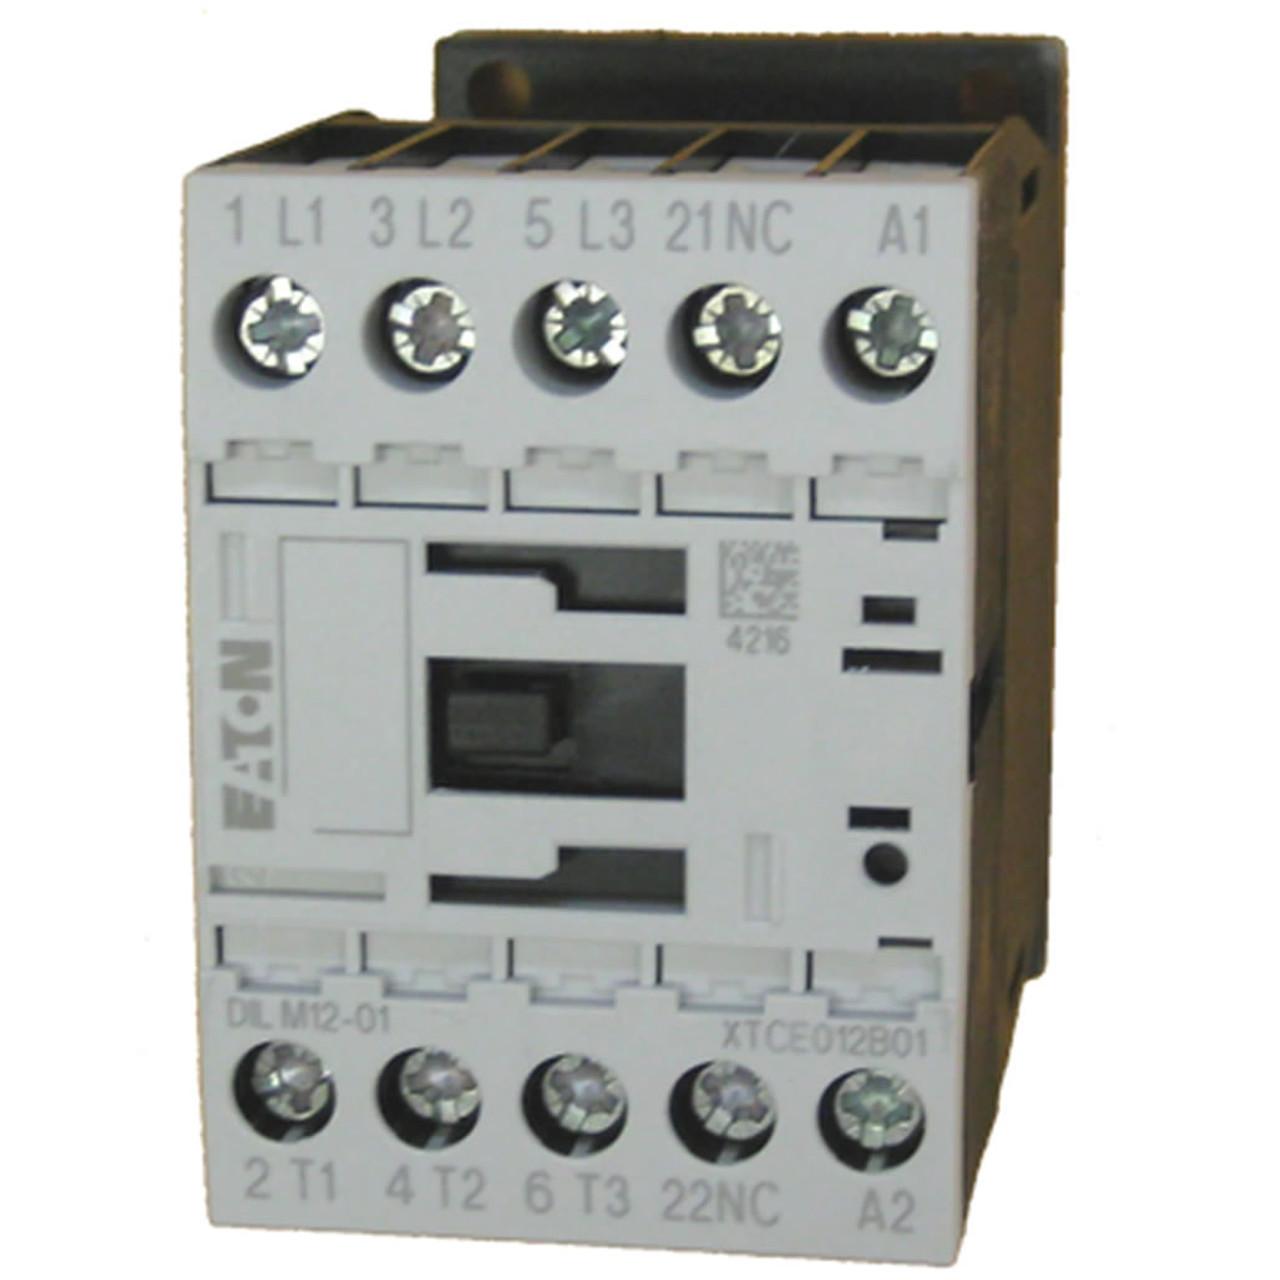 Eaton XTCE012B01H contactor